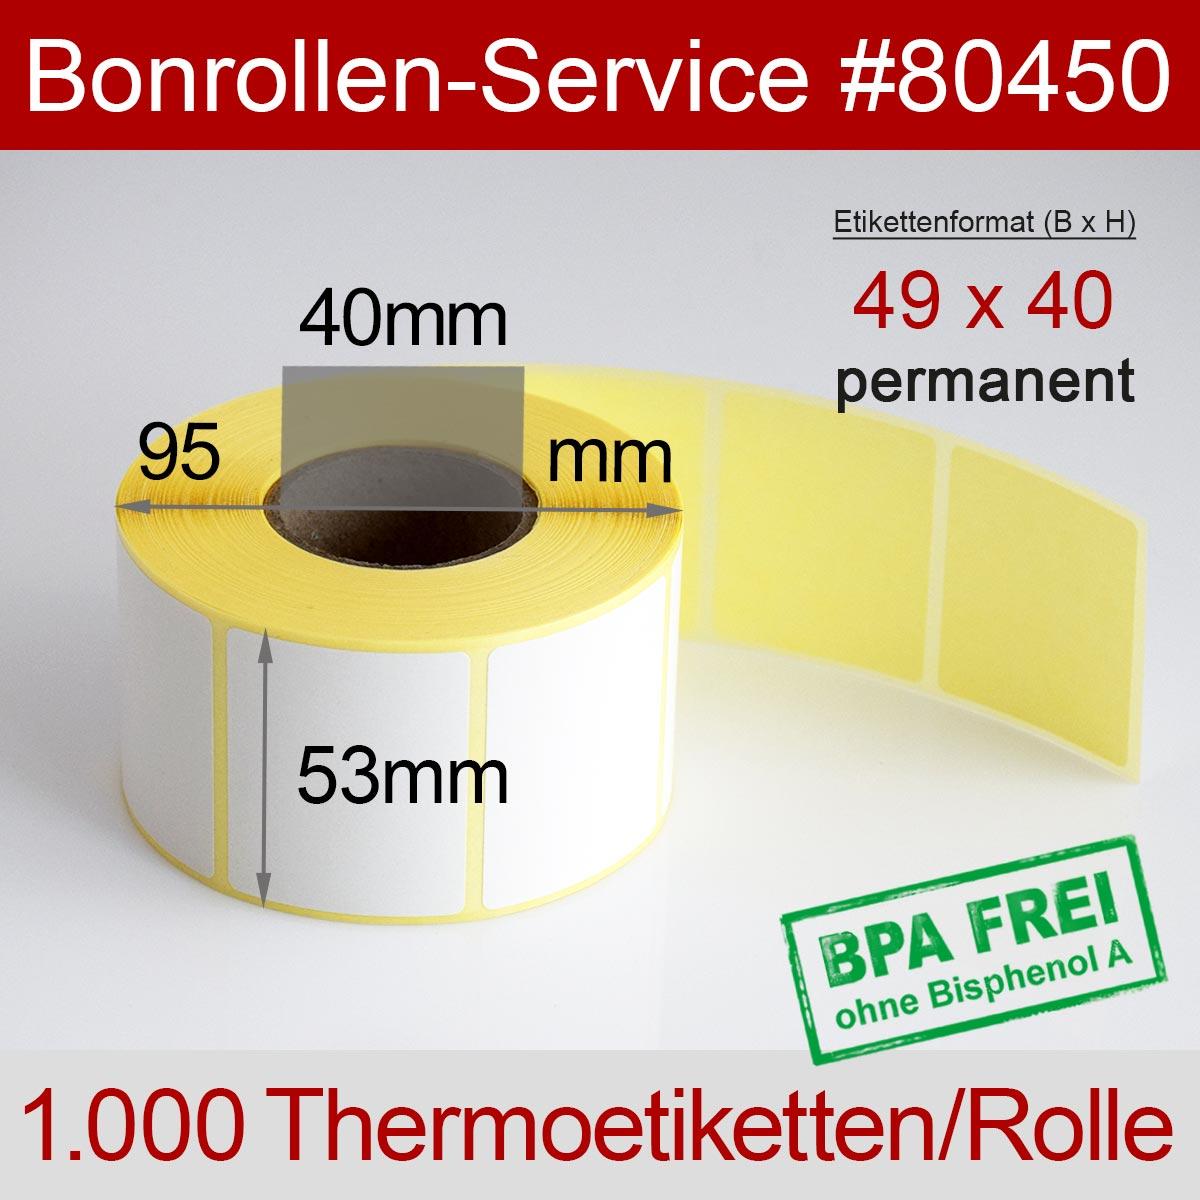 Thermo-Etikettenrollen BPA-frei 49mm x 40mm für Avery Berkel, permanent - Detailansicht